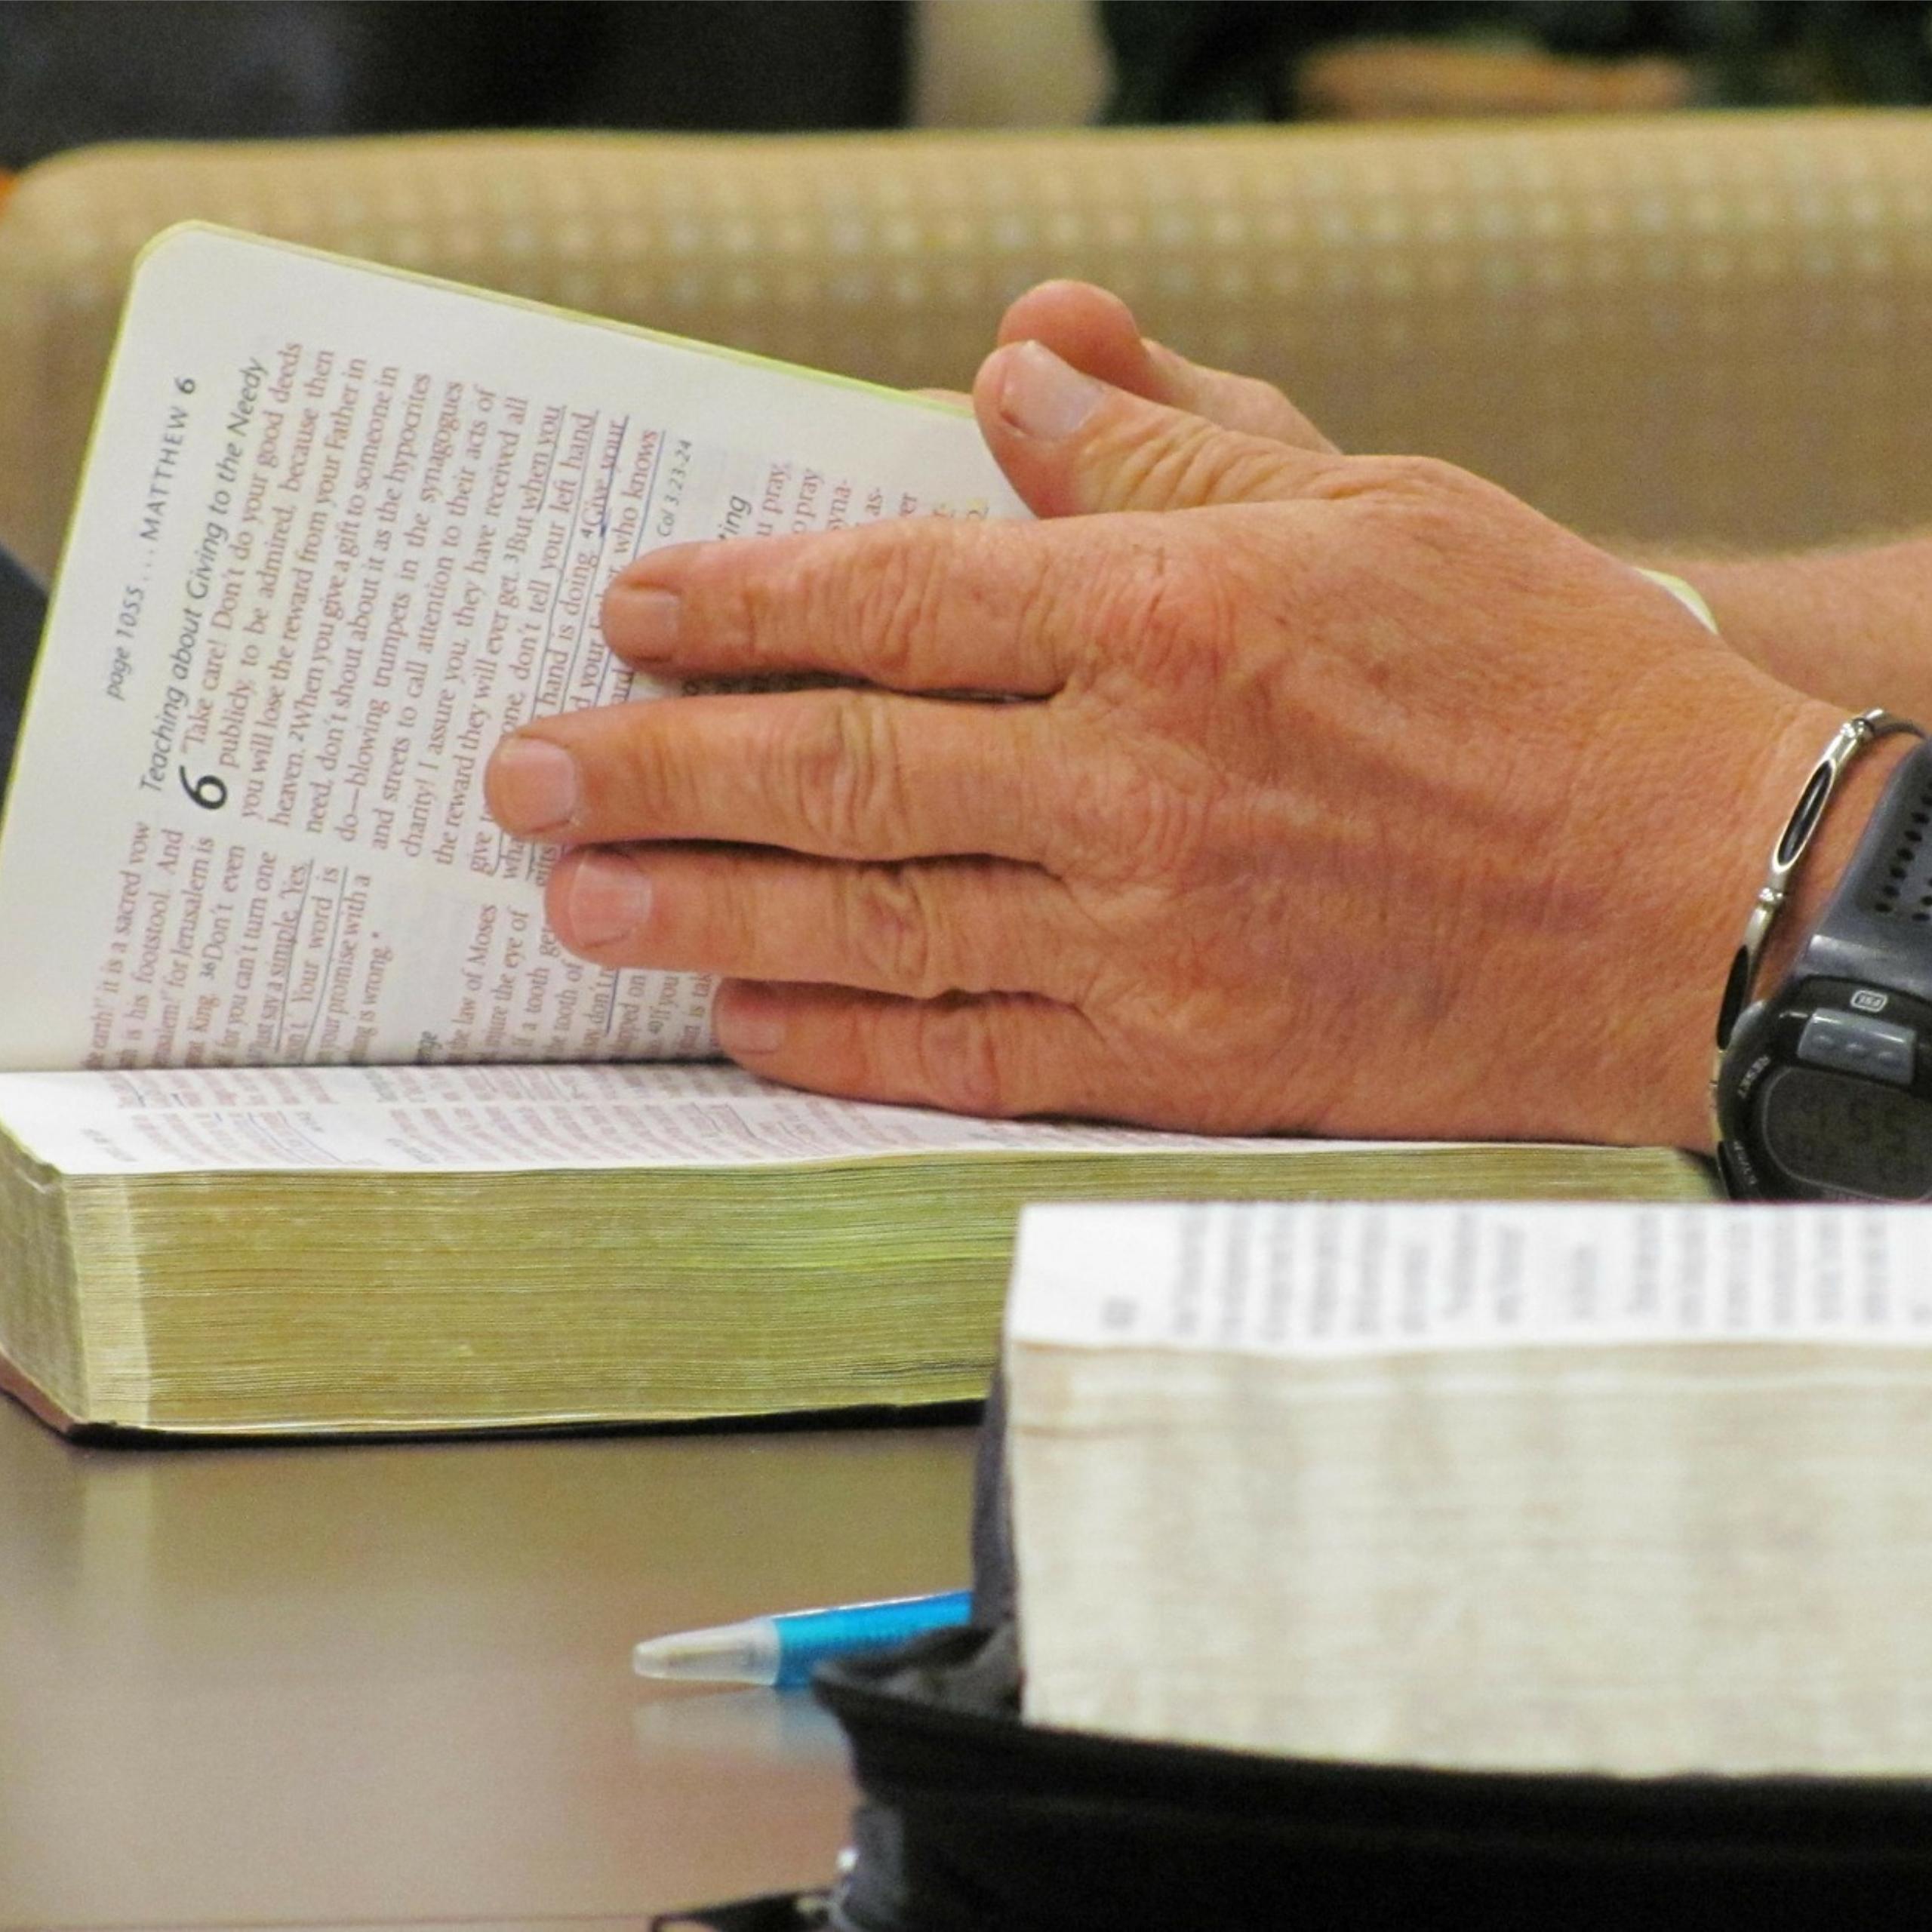 Man Studying Bible